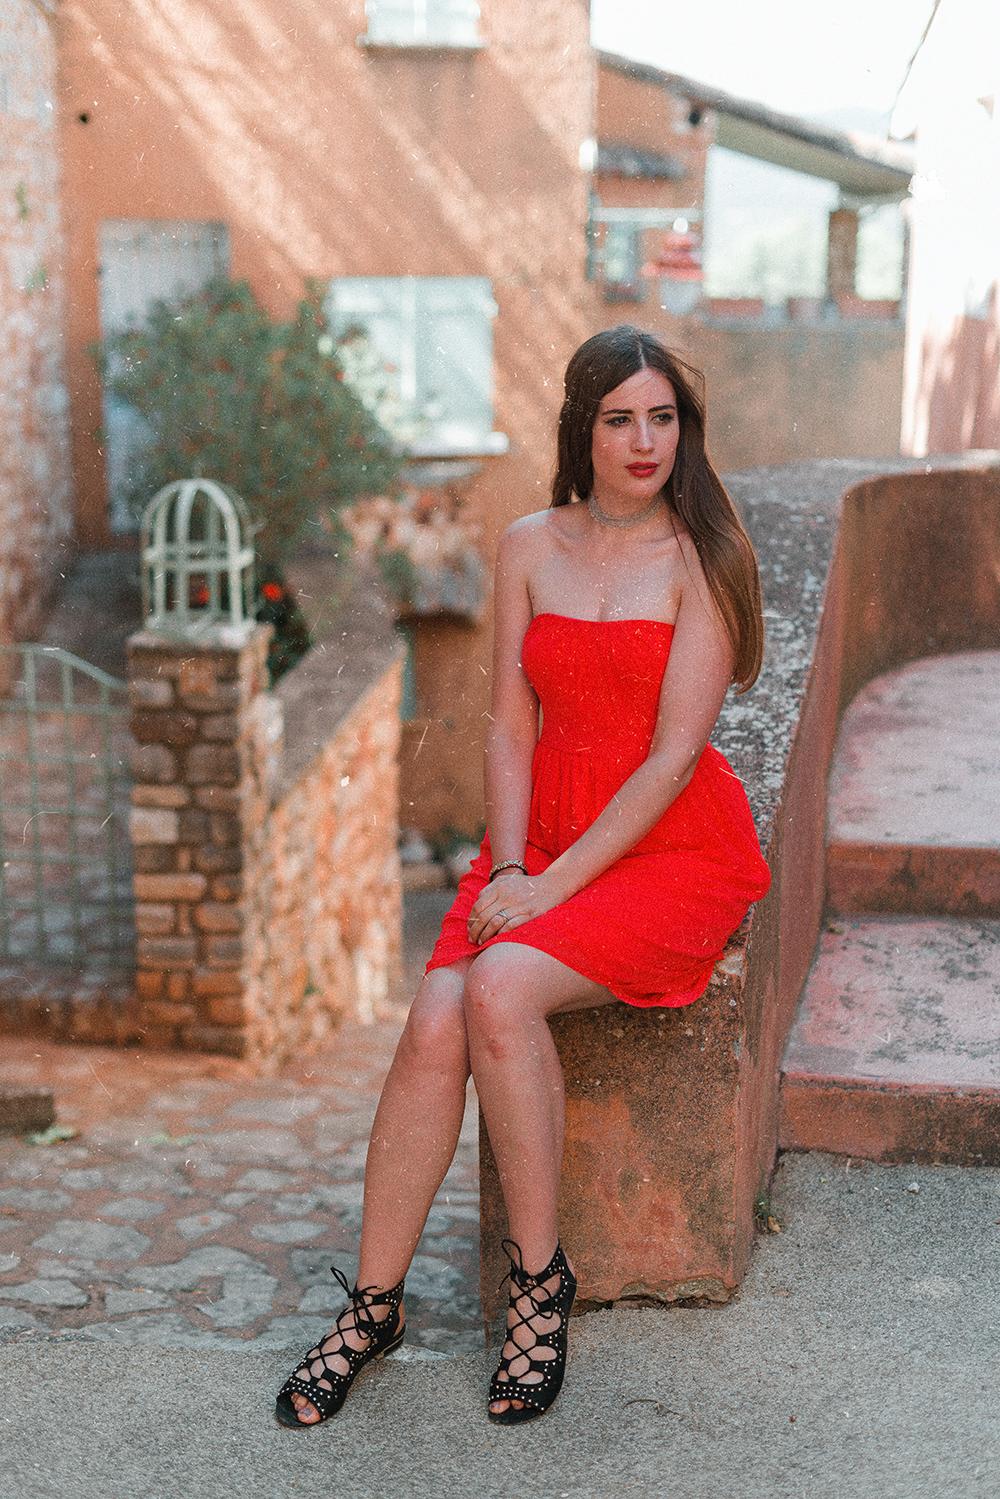 andysparkles-Modeblog Berlin-Einfluss von Social Media auf Fashion Trends